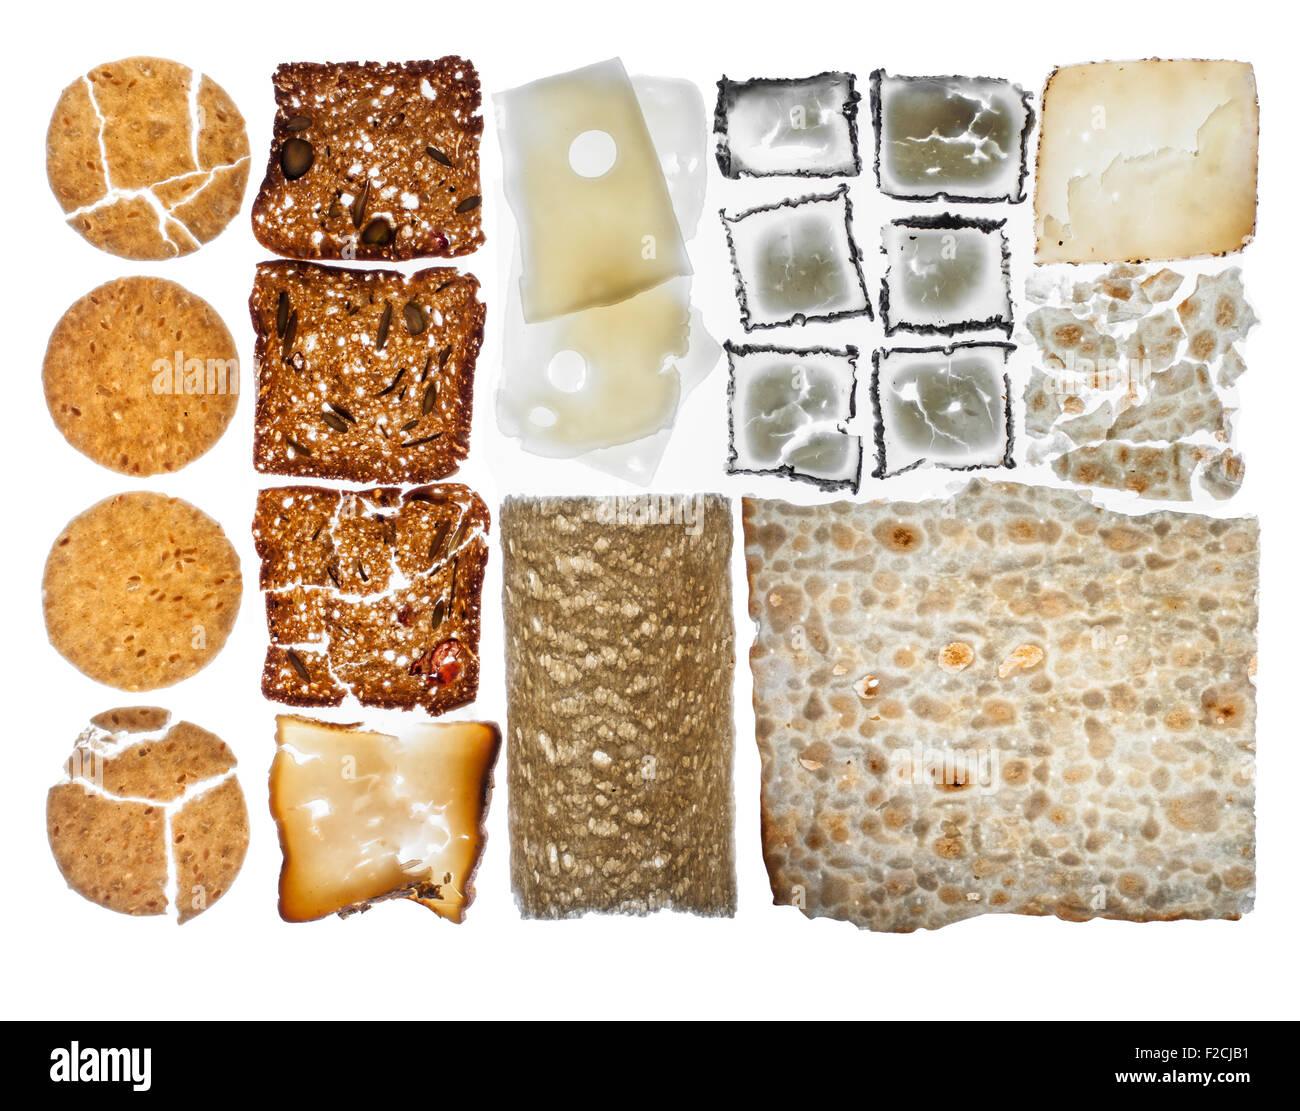 Vue aérienne de craquelins et fromage disposés en grille sur table lumineuse Photo Stock